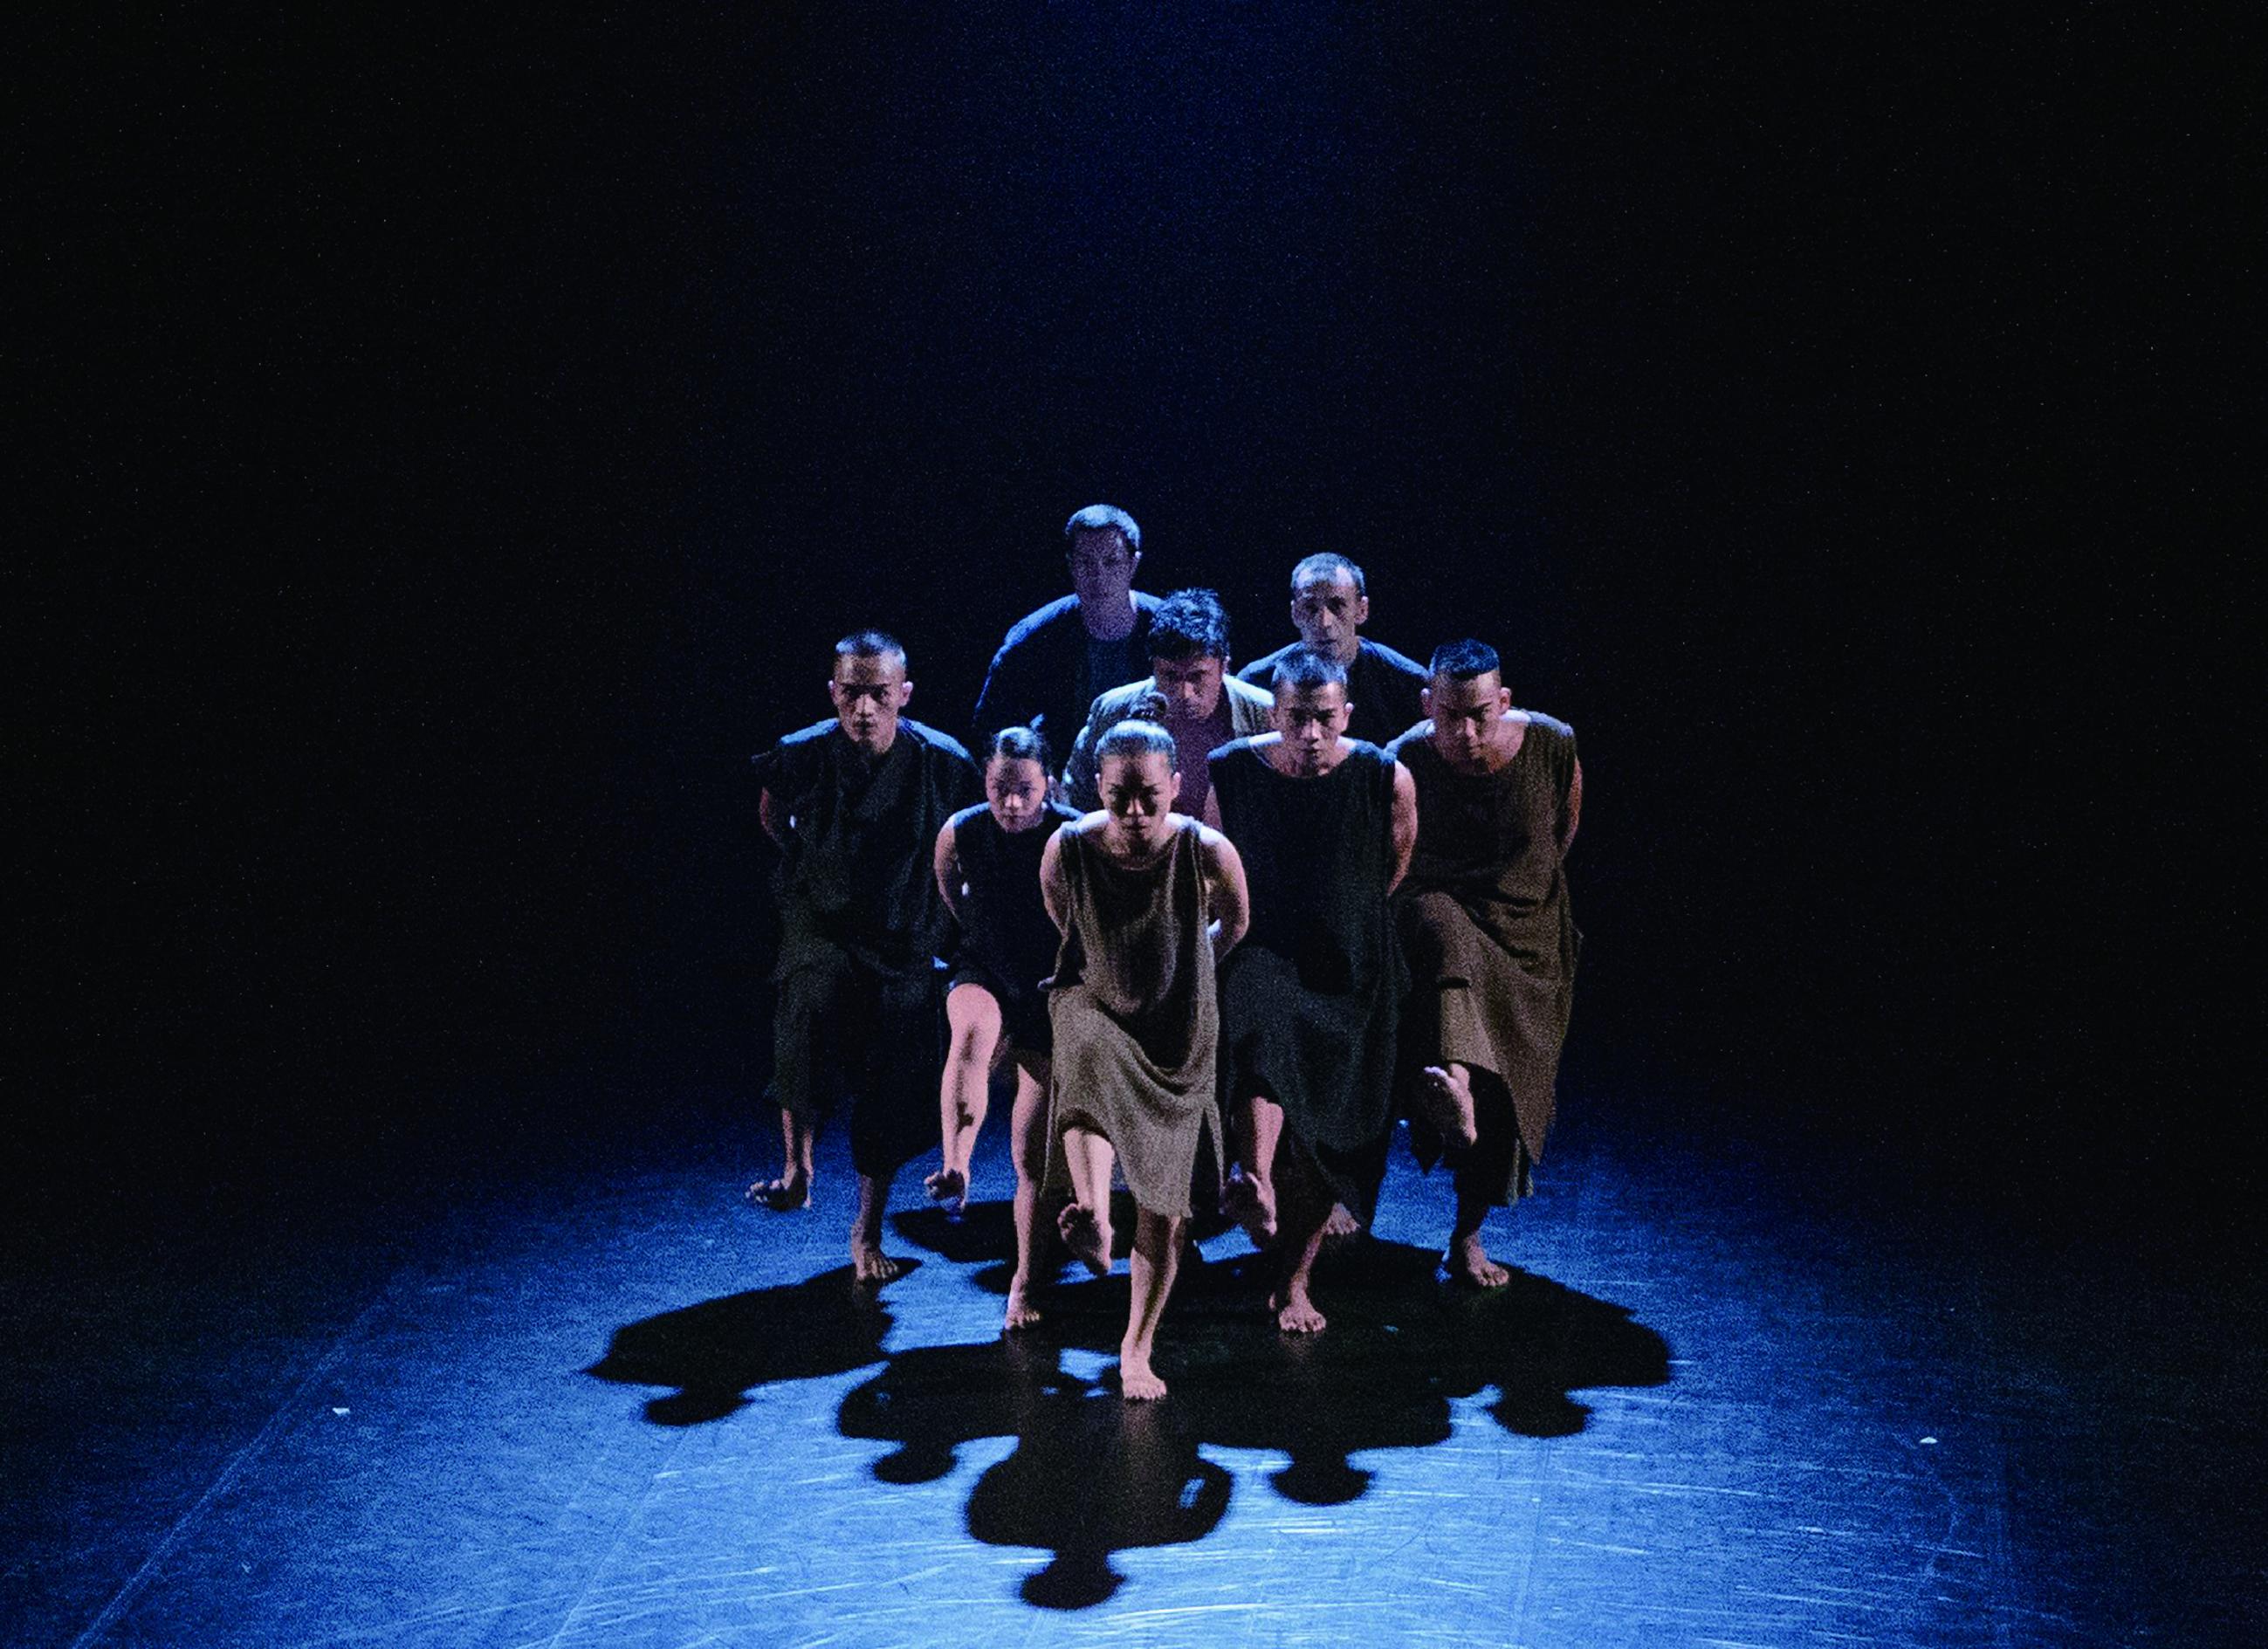 2016年蒂摩爾與紐西蘭黑色優雅舞團共製《在一起》,過程雖艱辛,卻開啟另一條與國際交流的路 。.jpg